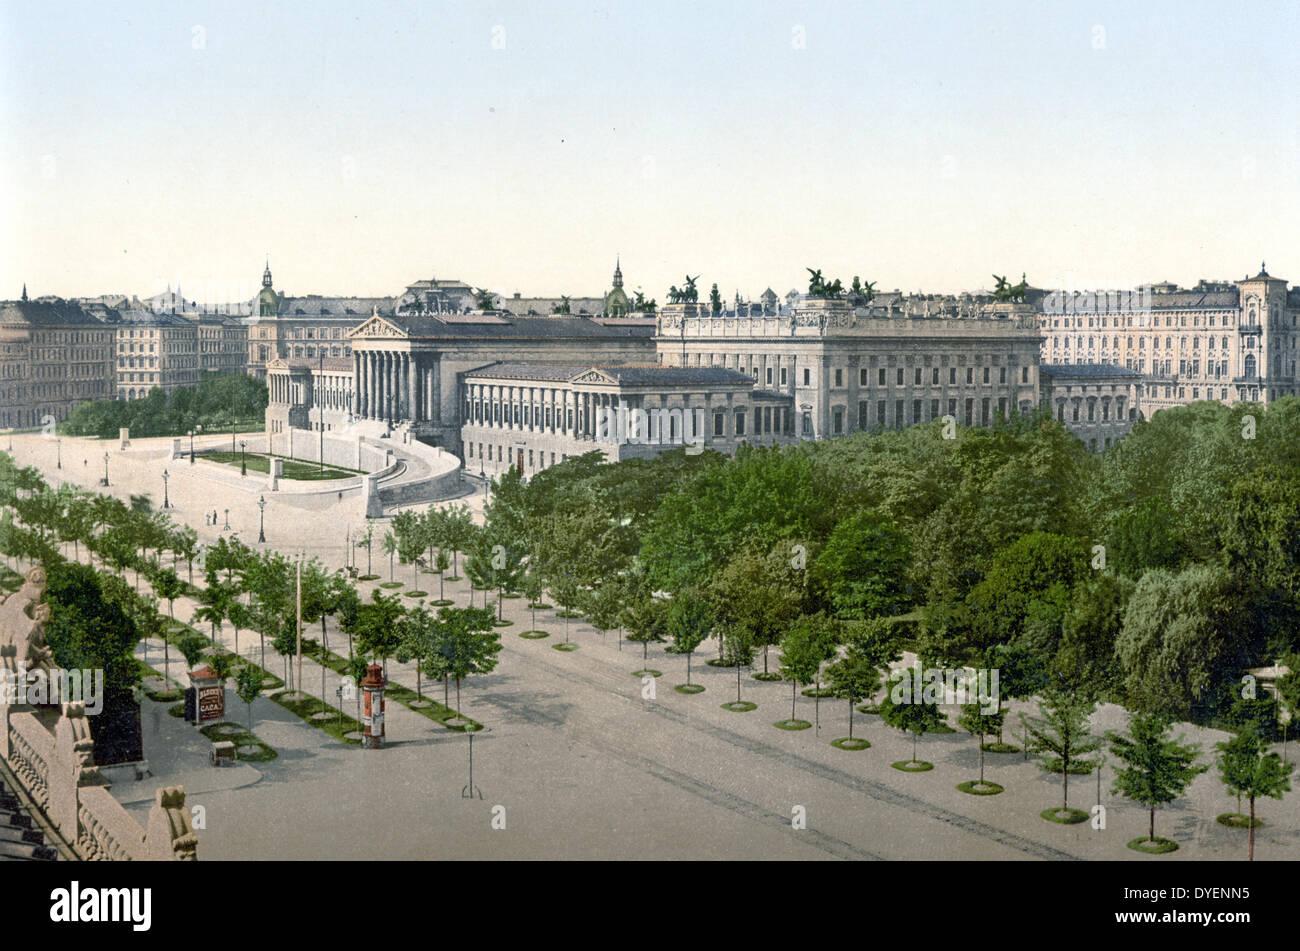 Parliament, Vienna, Austro-Hungary 1900 - Stock Image